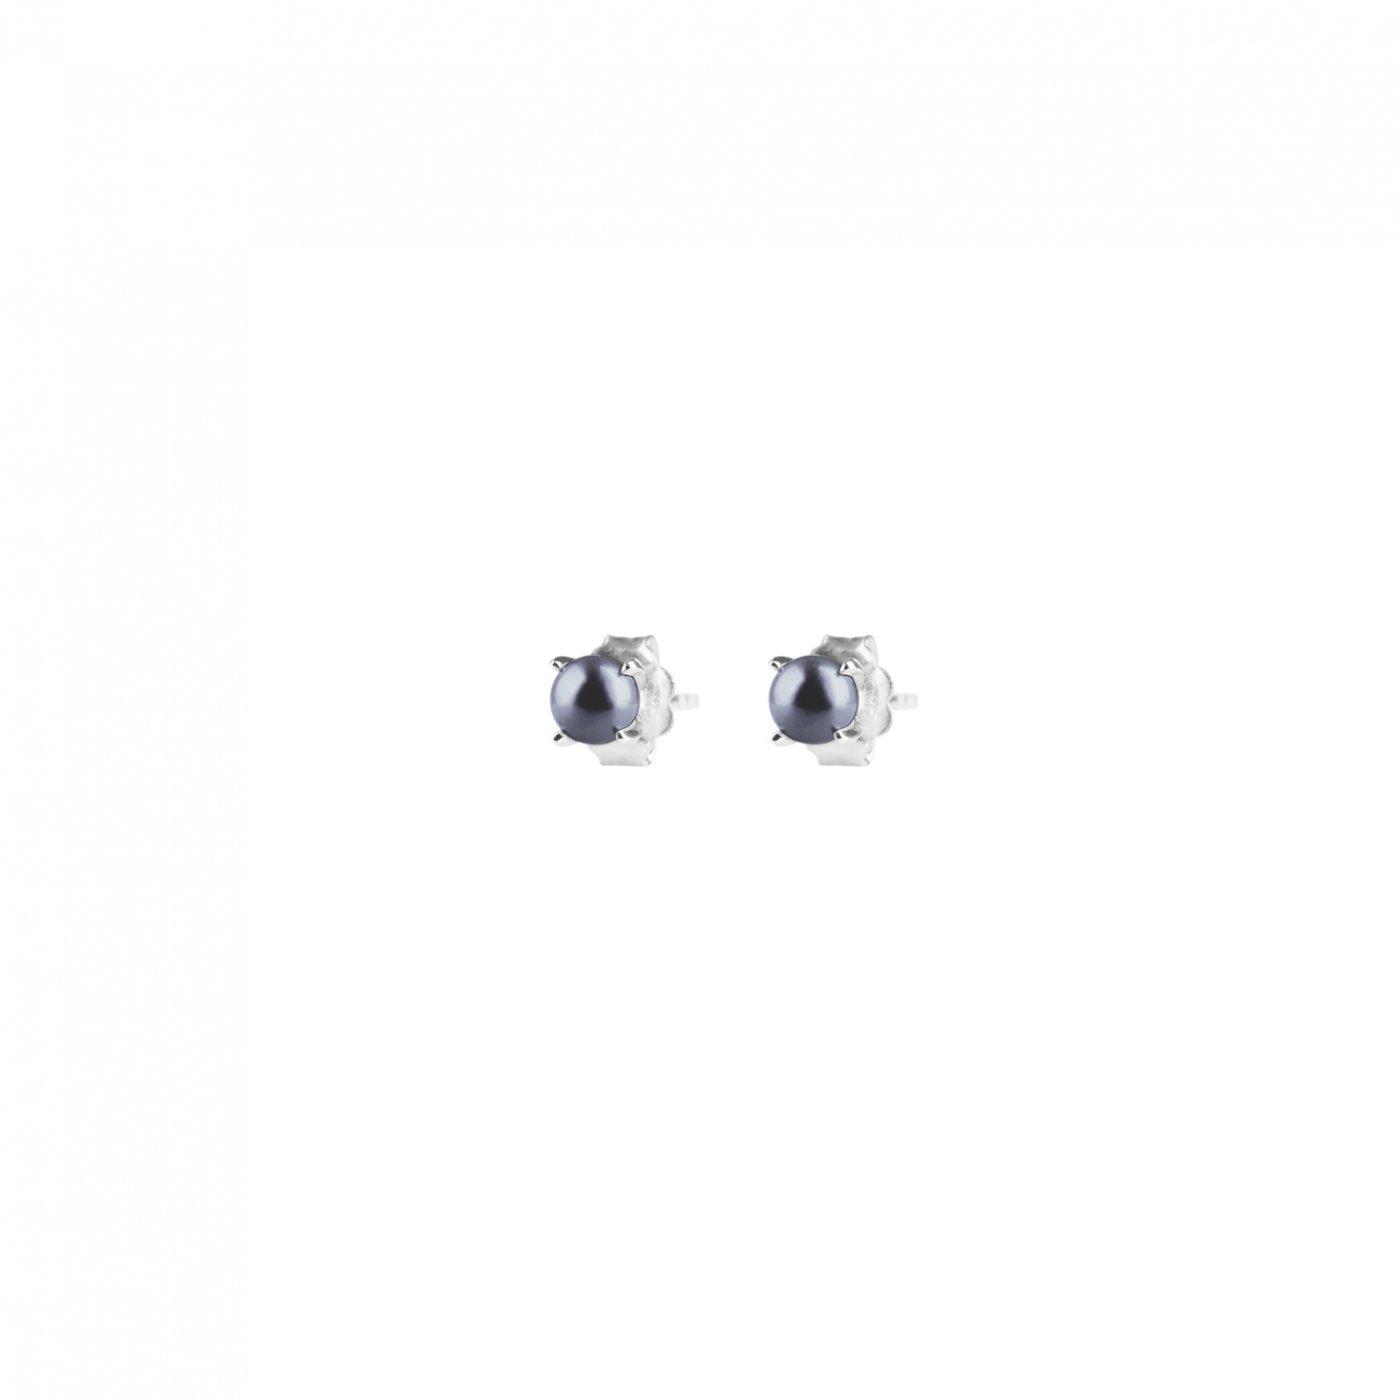 petite-pearl-midnight-studs-gold-1400x1400